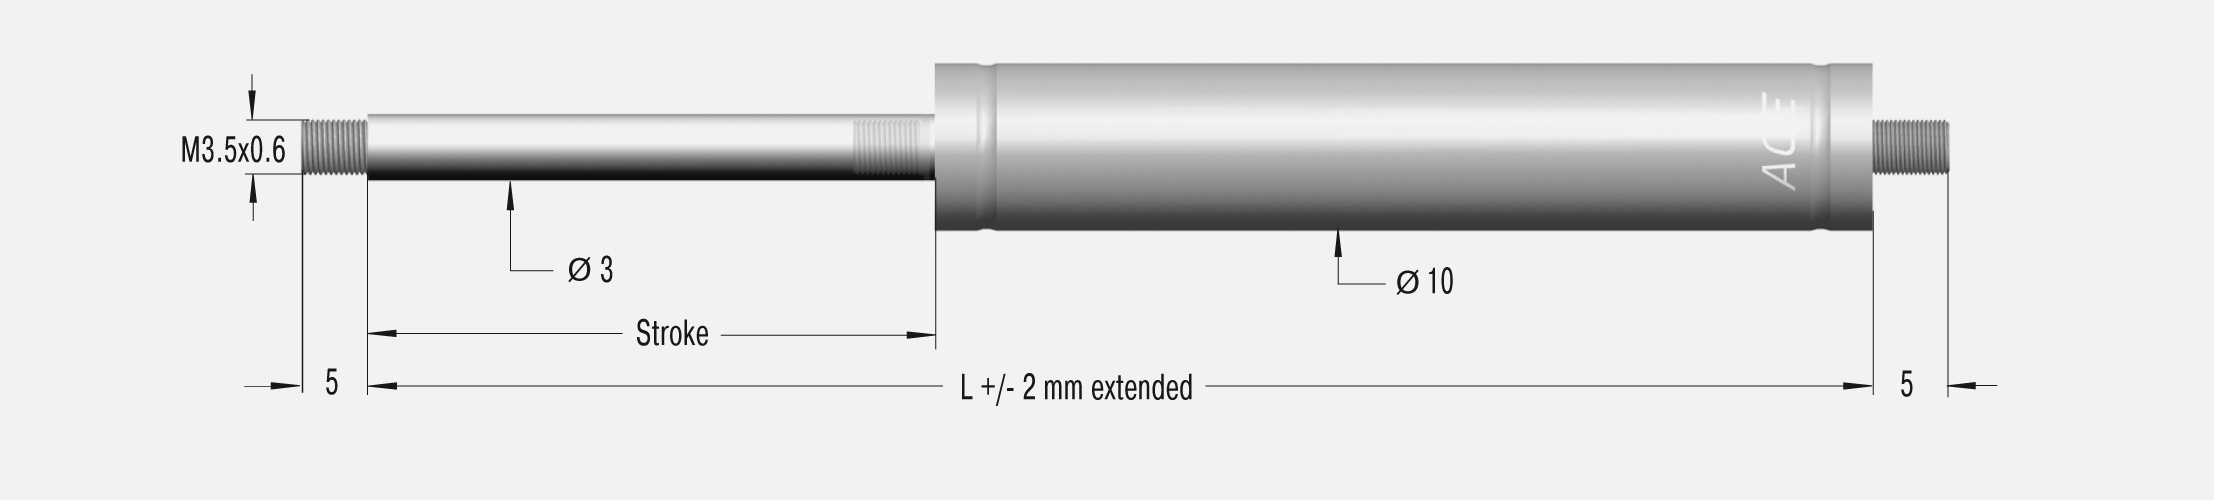 GS-10-20-V4A